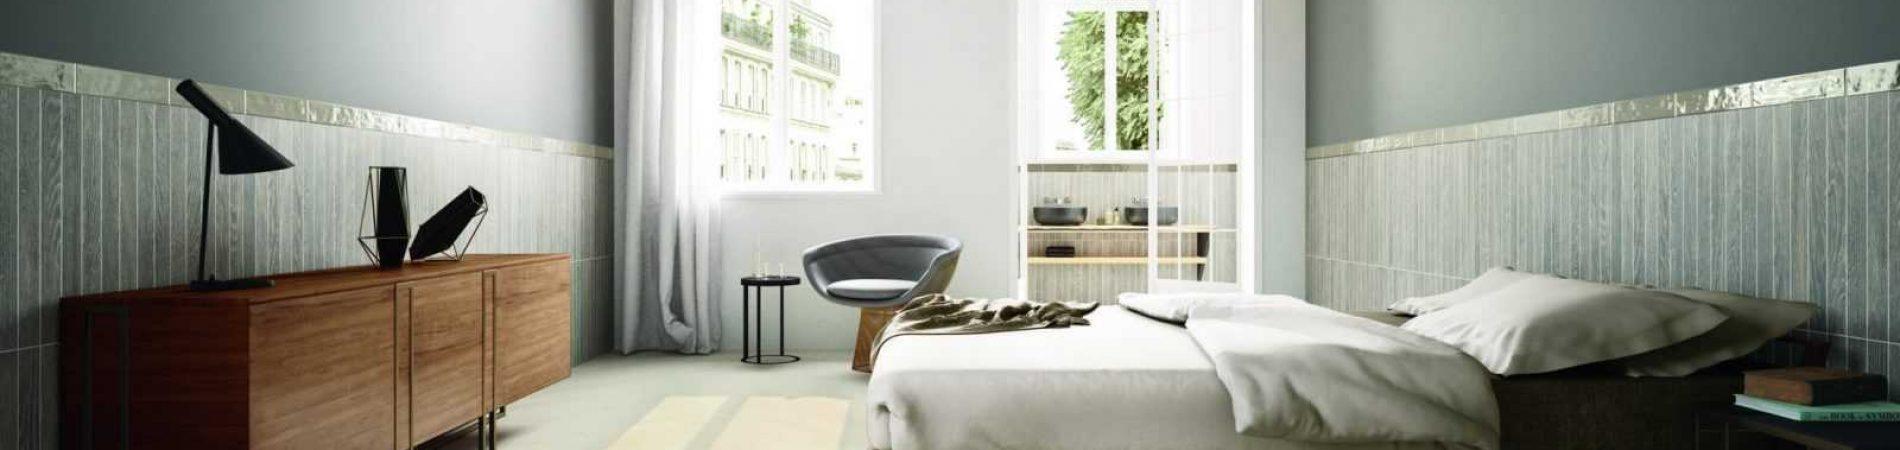 Evood Paint Pick Tone Taupe bedroom